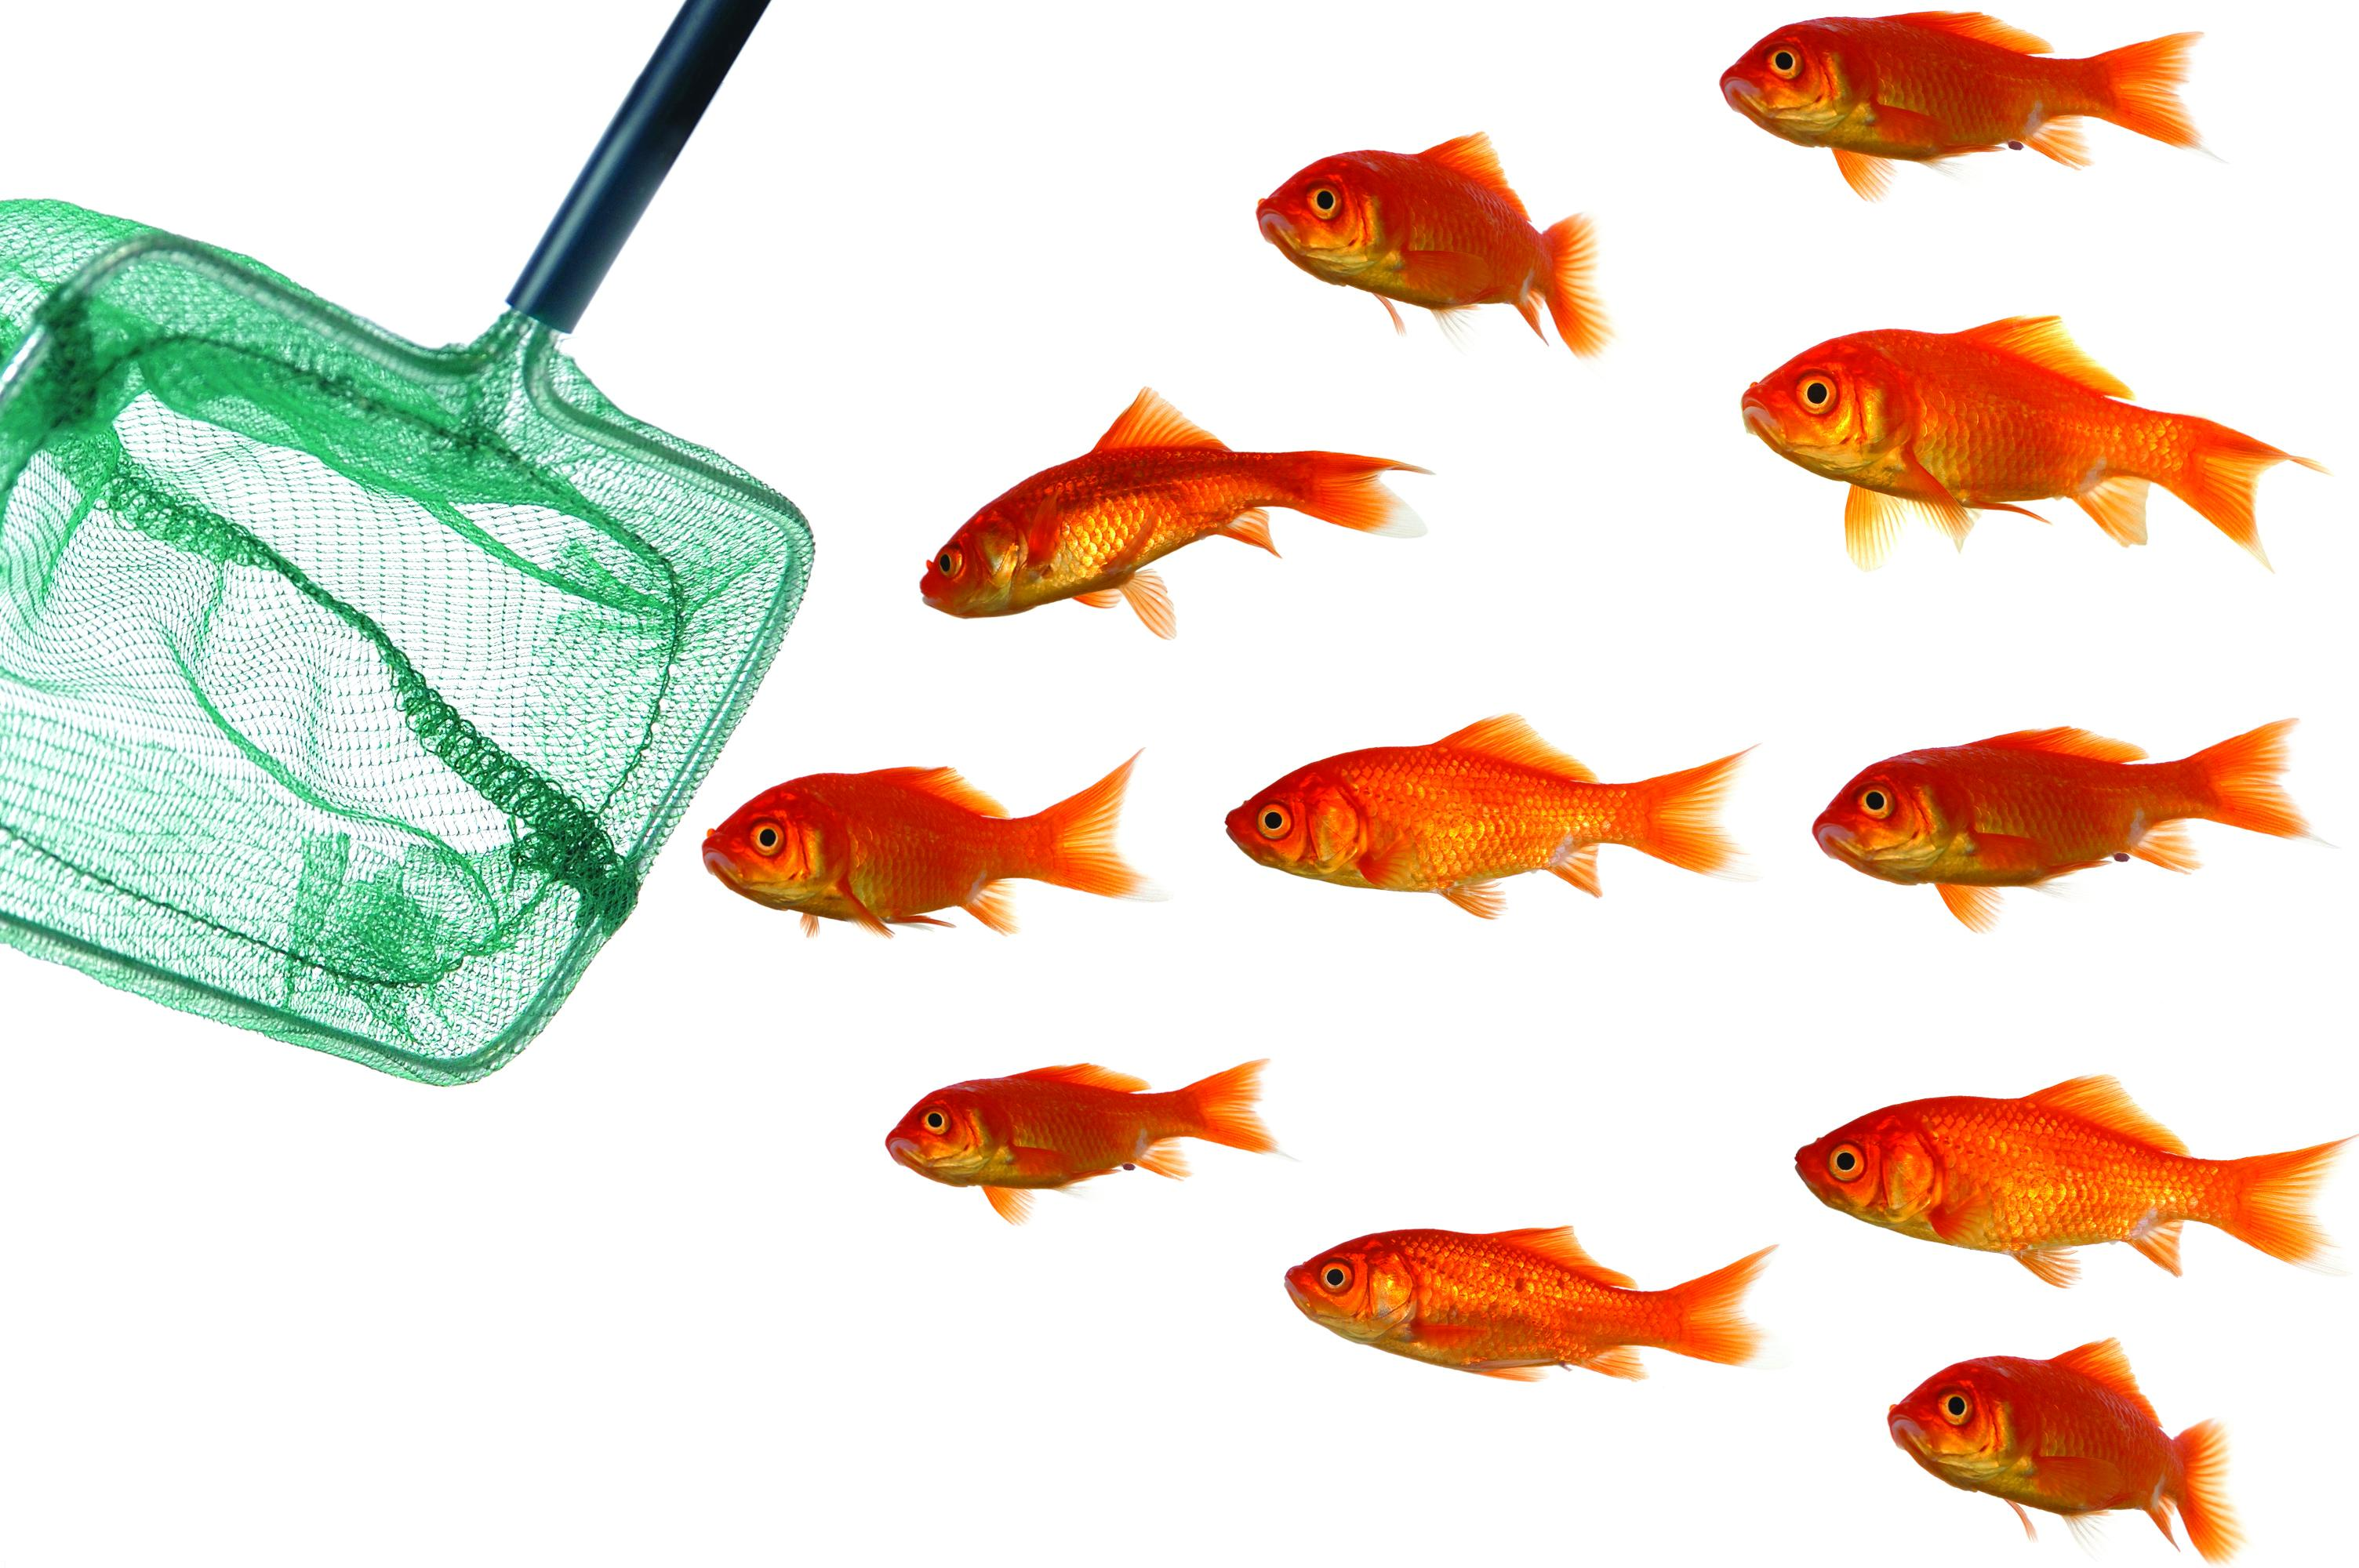 انواع ماهی های قرمز و تاریخچه آن